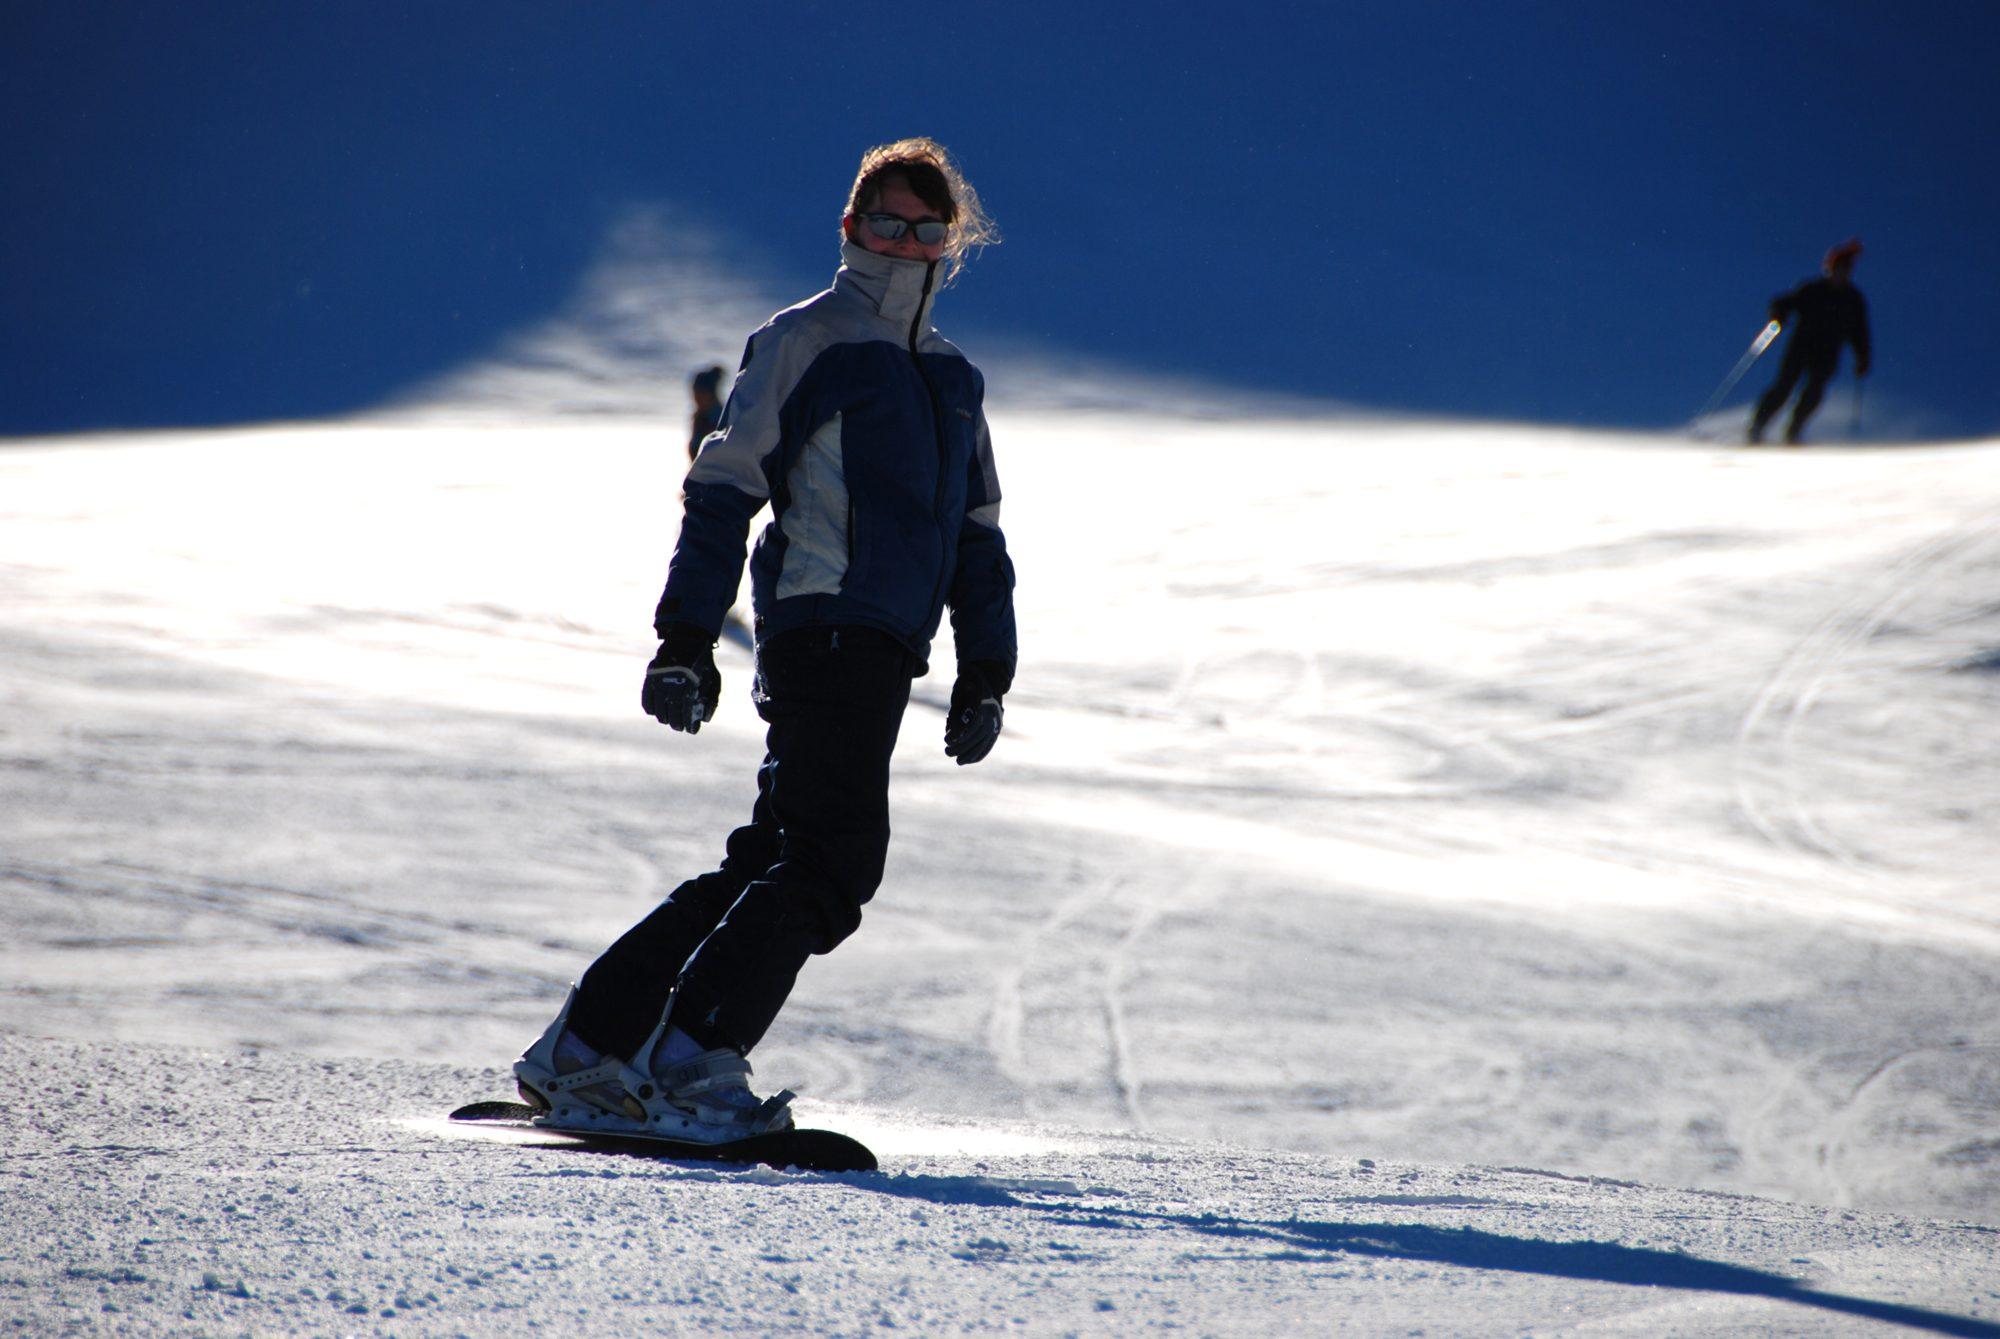 Januar 2008 - Luisa auf dem Snowboard, noch ohne Helm.